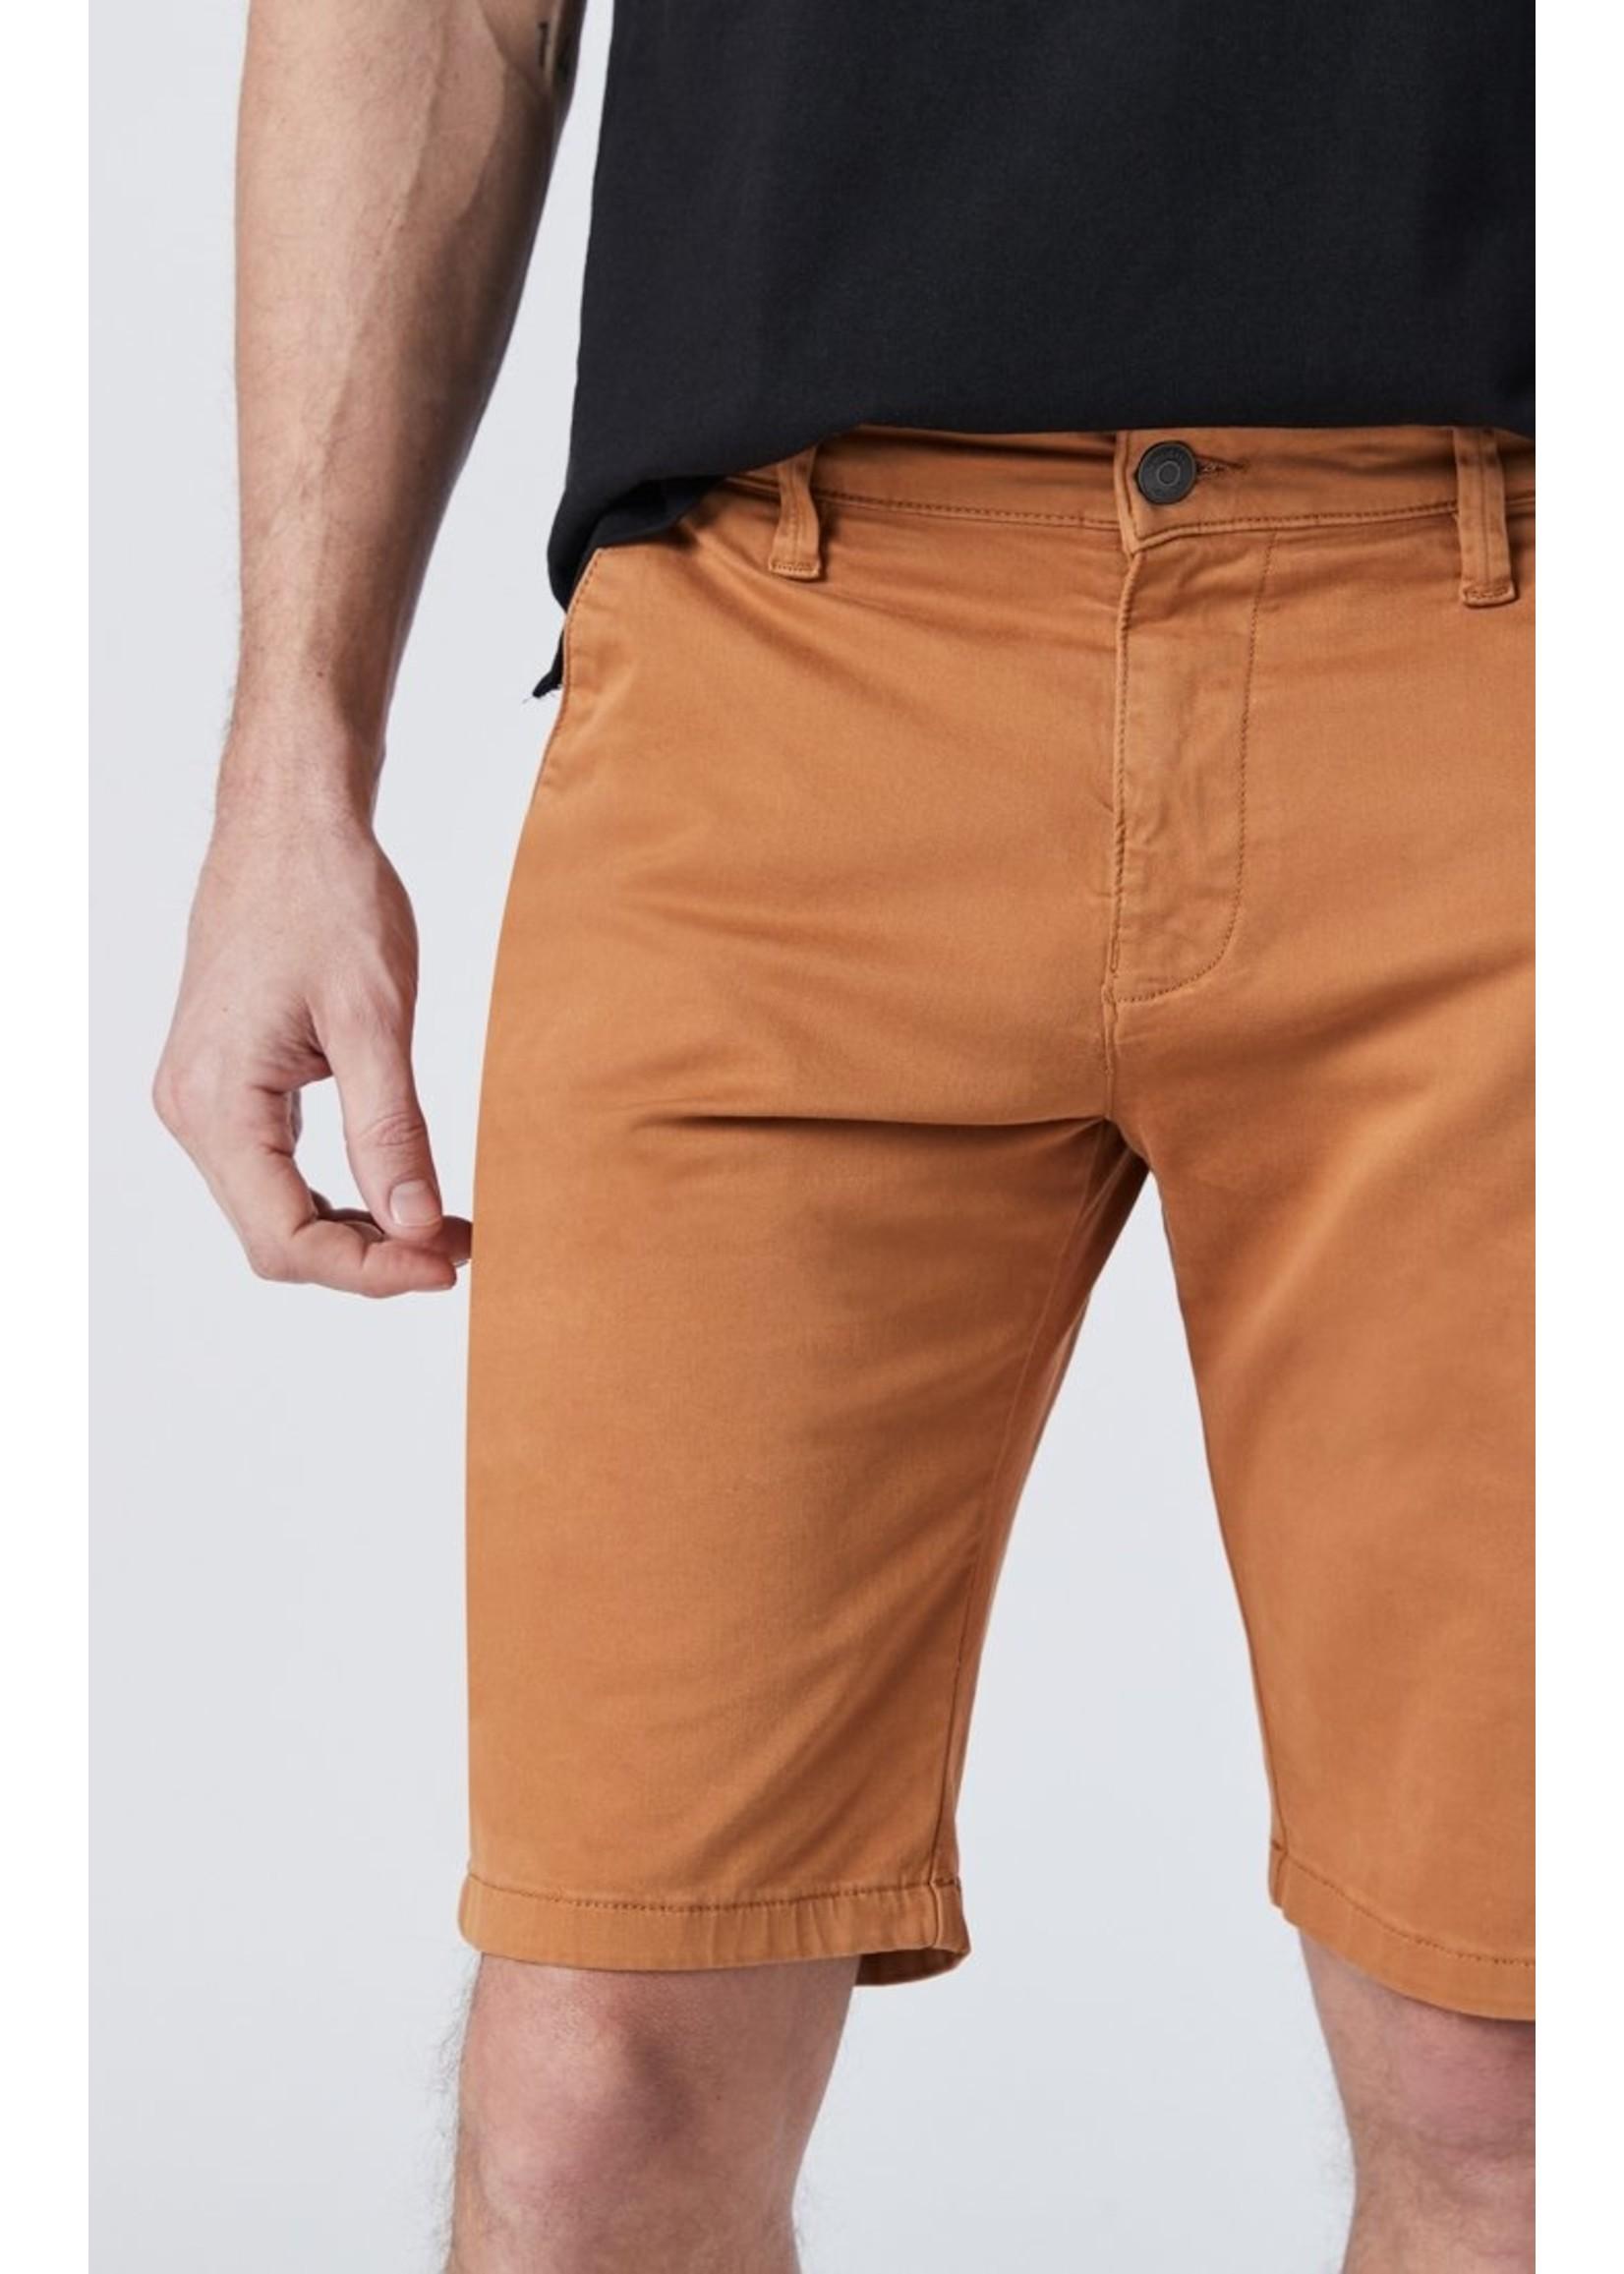 Mavi Jeans Jacob Sugar Brown Twill